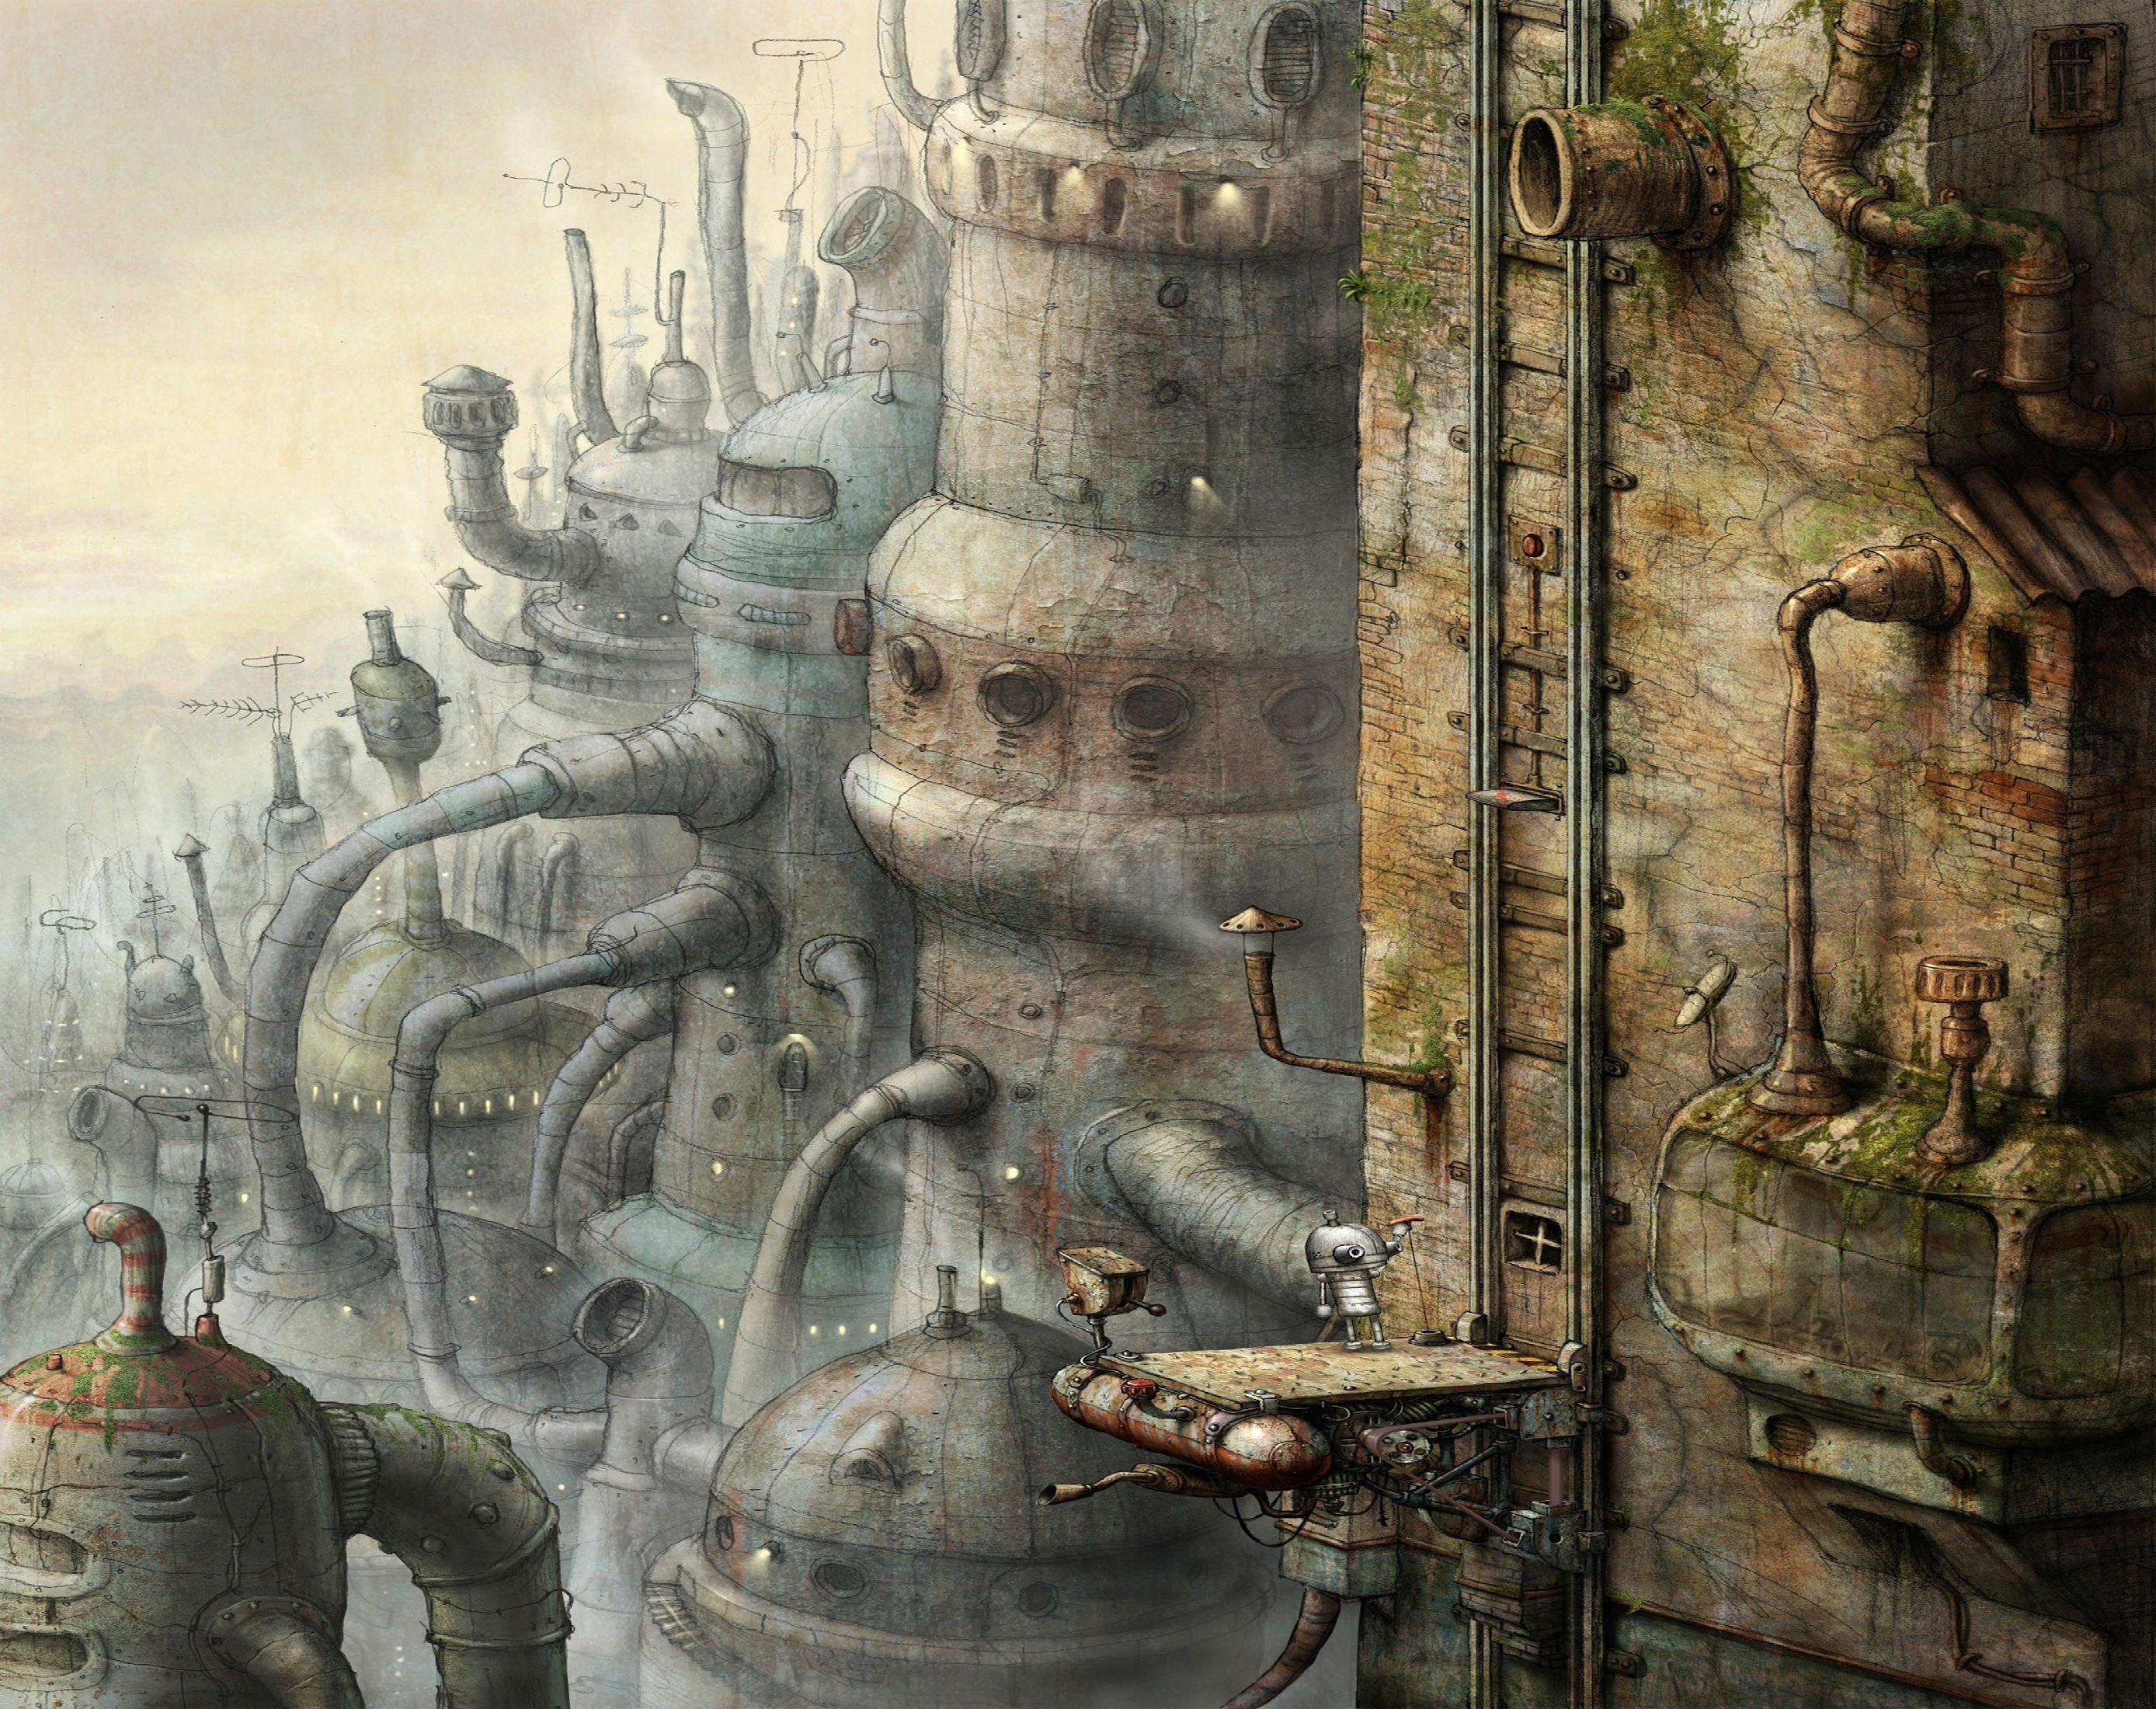 MACHINARIUM Puzzle Point-and-click Adventure Sci-fi Robot